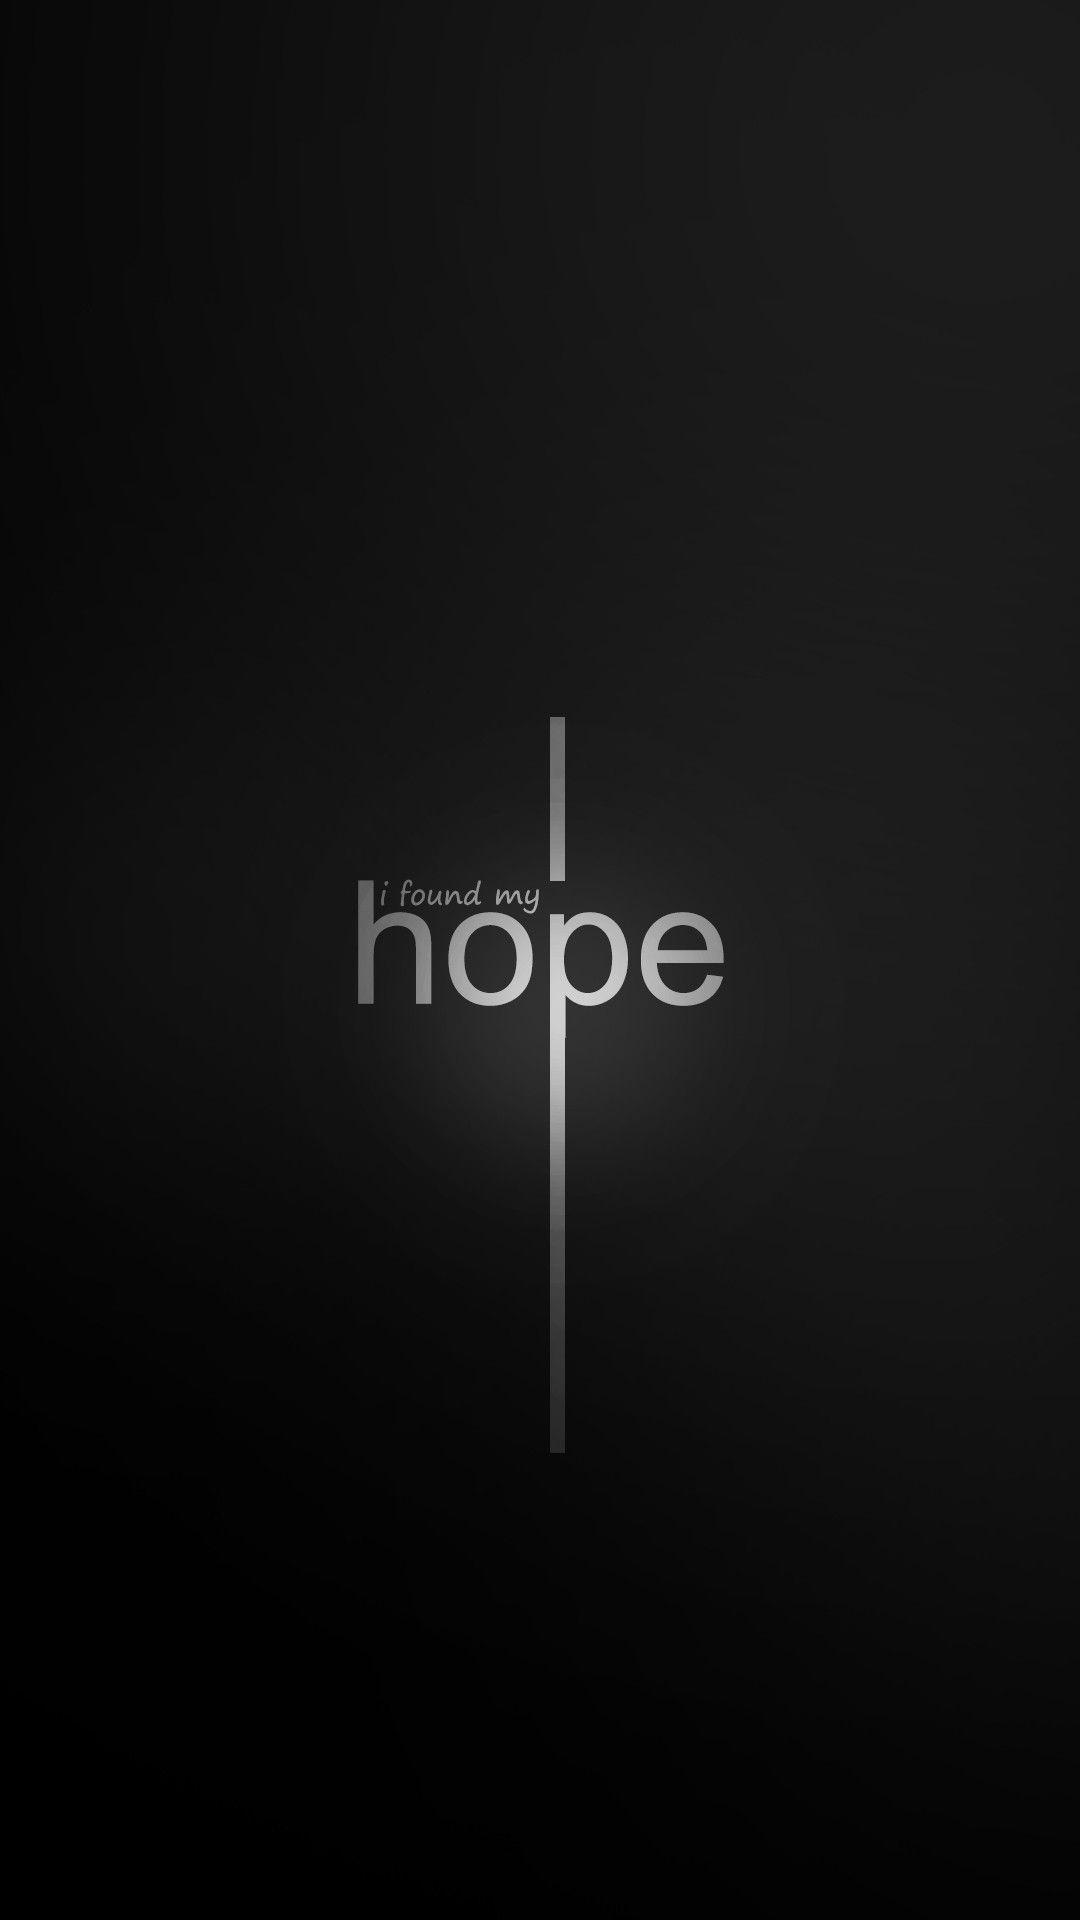 Christian Hope Jesus Holy Spirit Wallpaper Quotes Words Wallpaper Phone Wallpaper Quotes